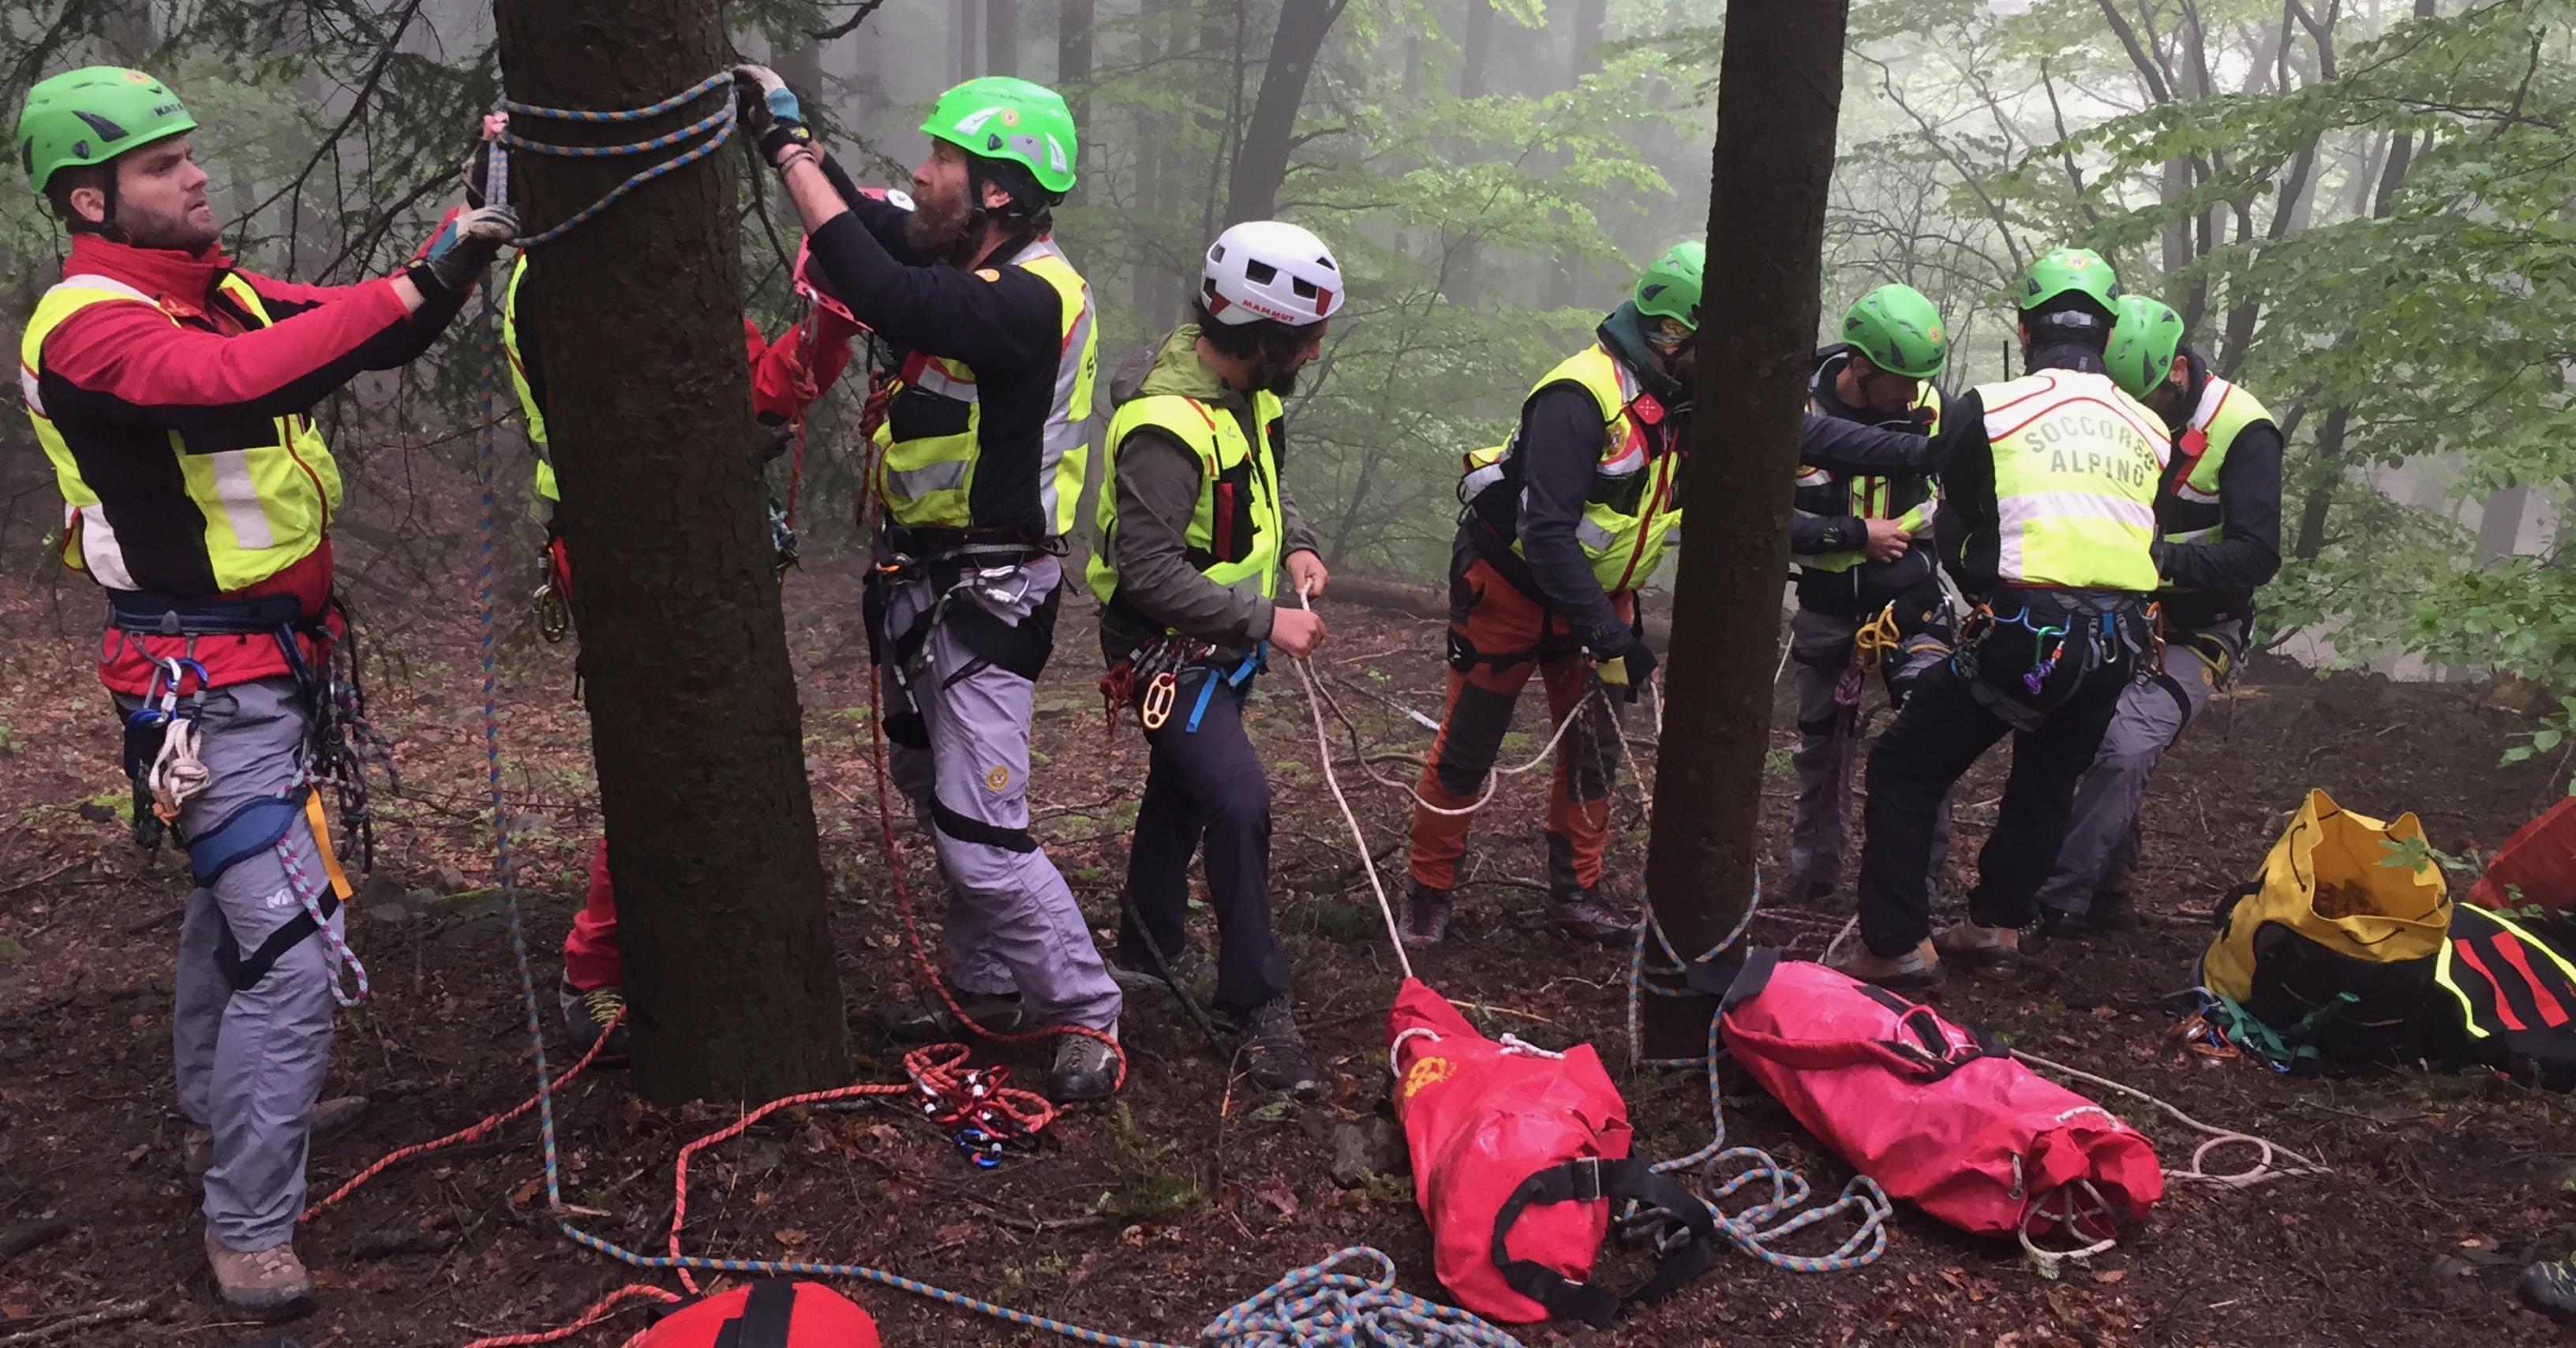 Esercitazione di ricerca dispersi con le unita cinofile per la Stazione Monte Falterona del Soccorso Alpino Toscano